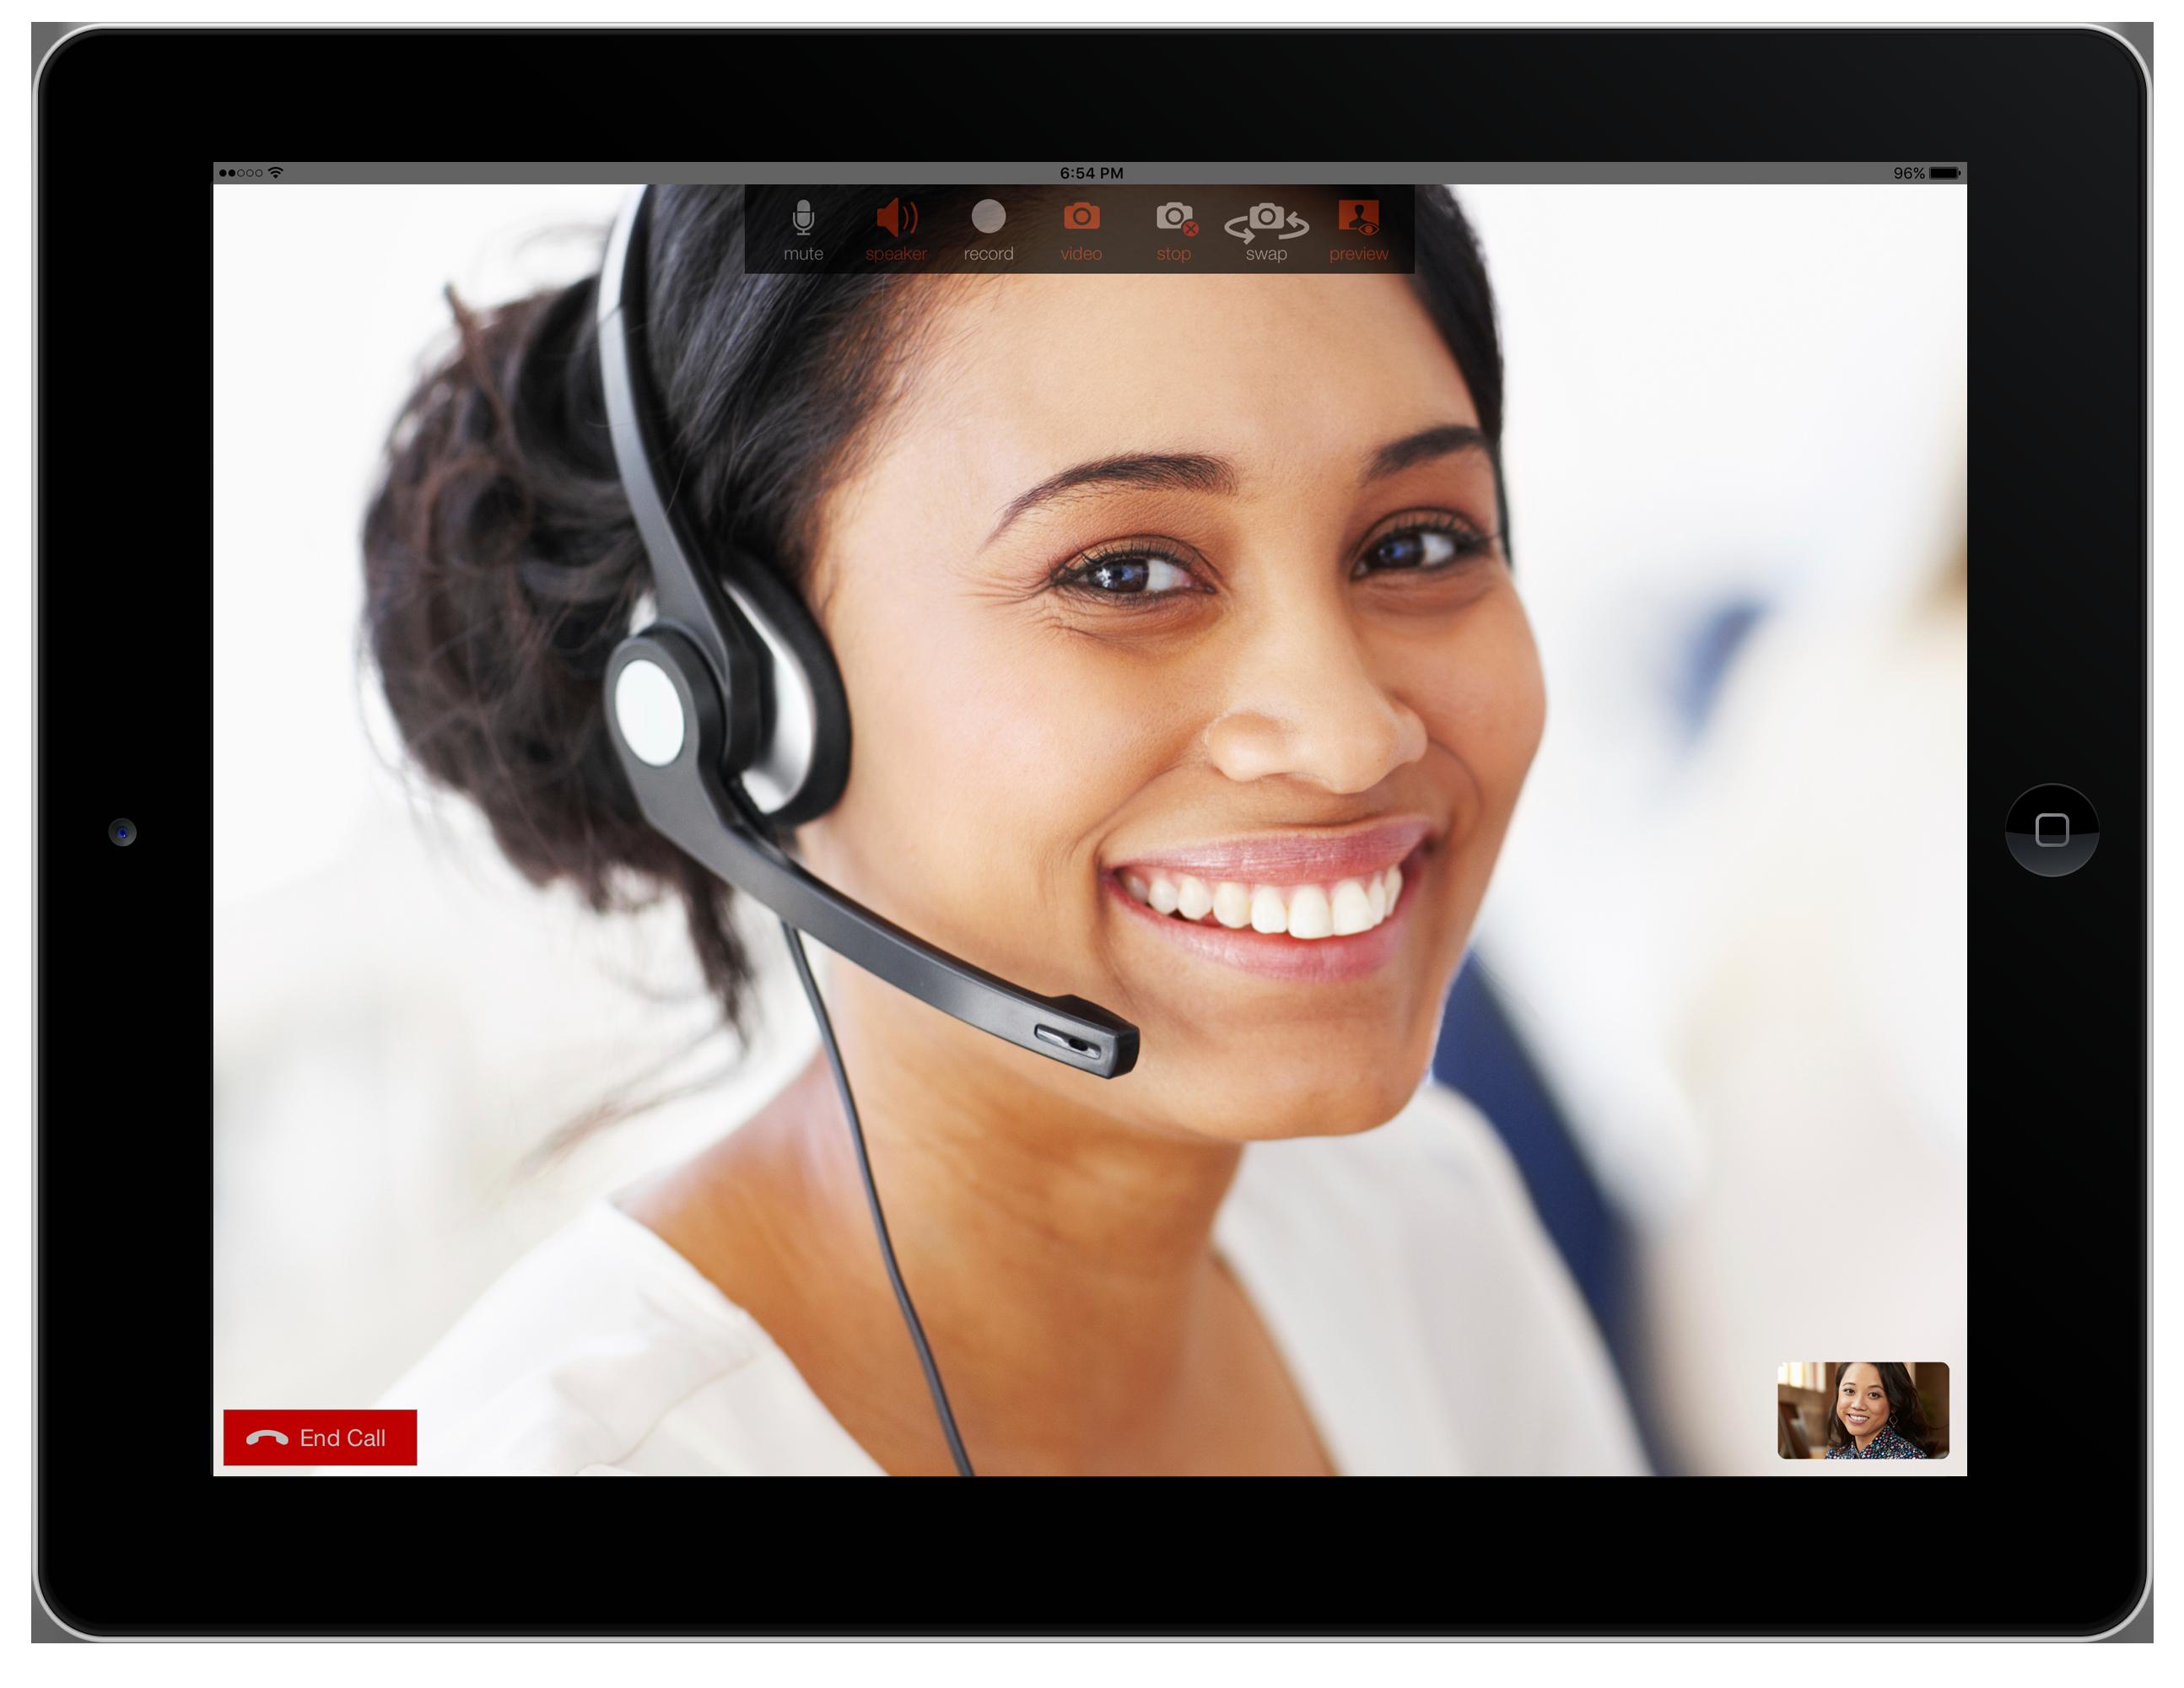 IP telefon szolgáltatás